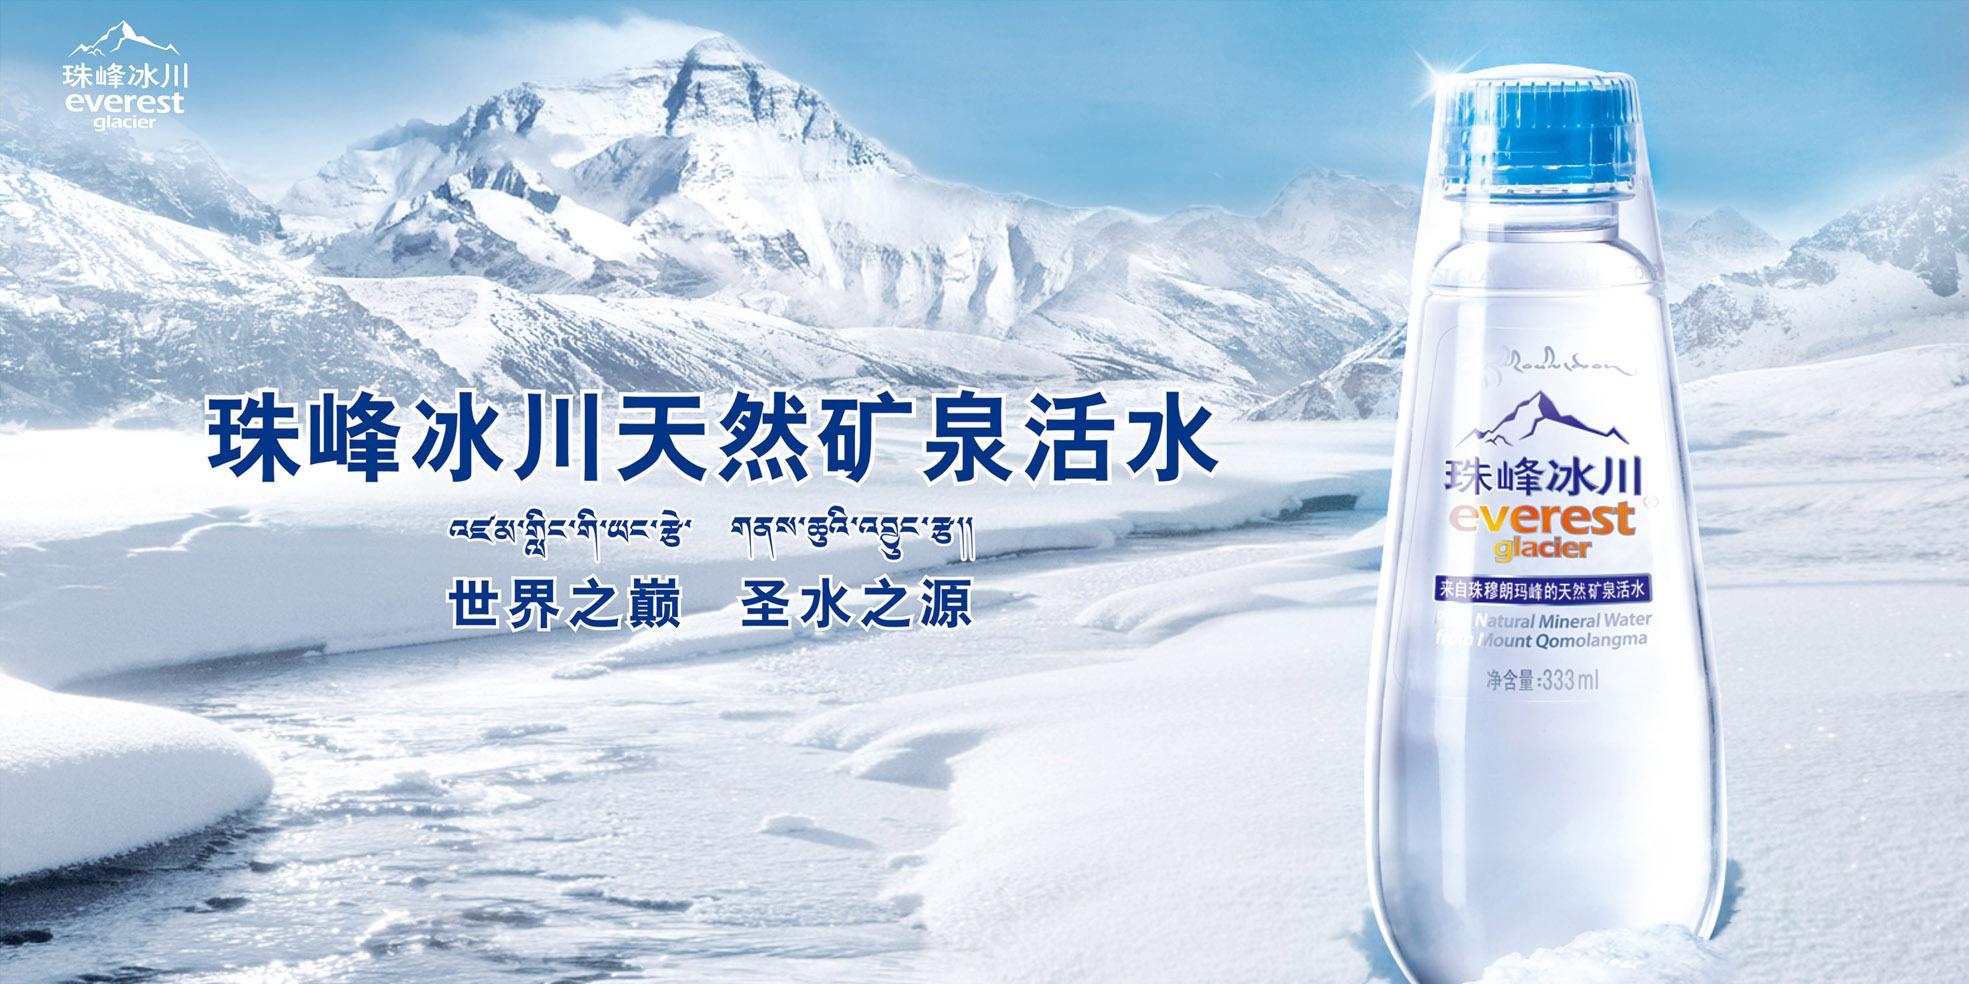 珠峰冰川矿泉水饮品品牌图库展示—全球加盟网